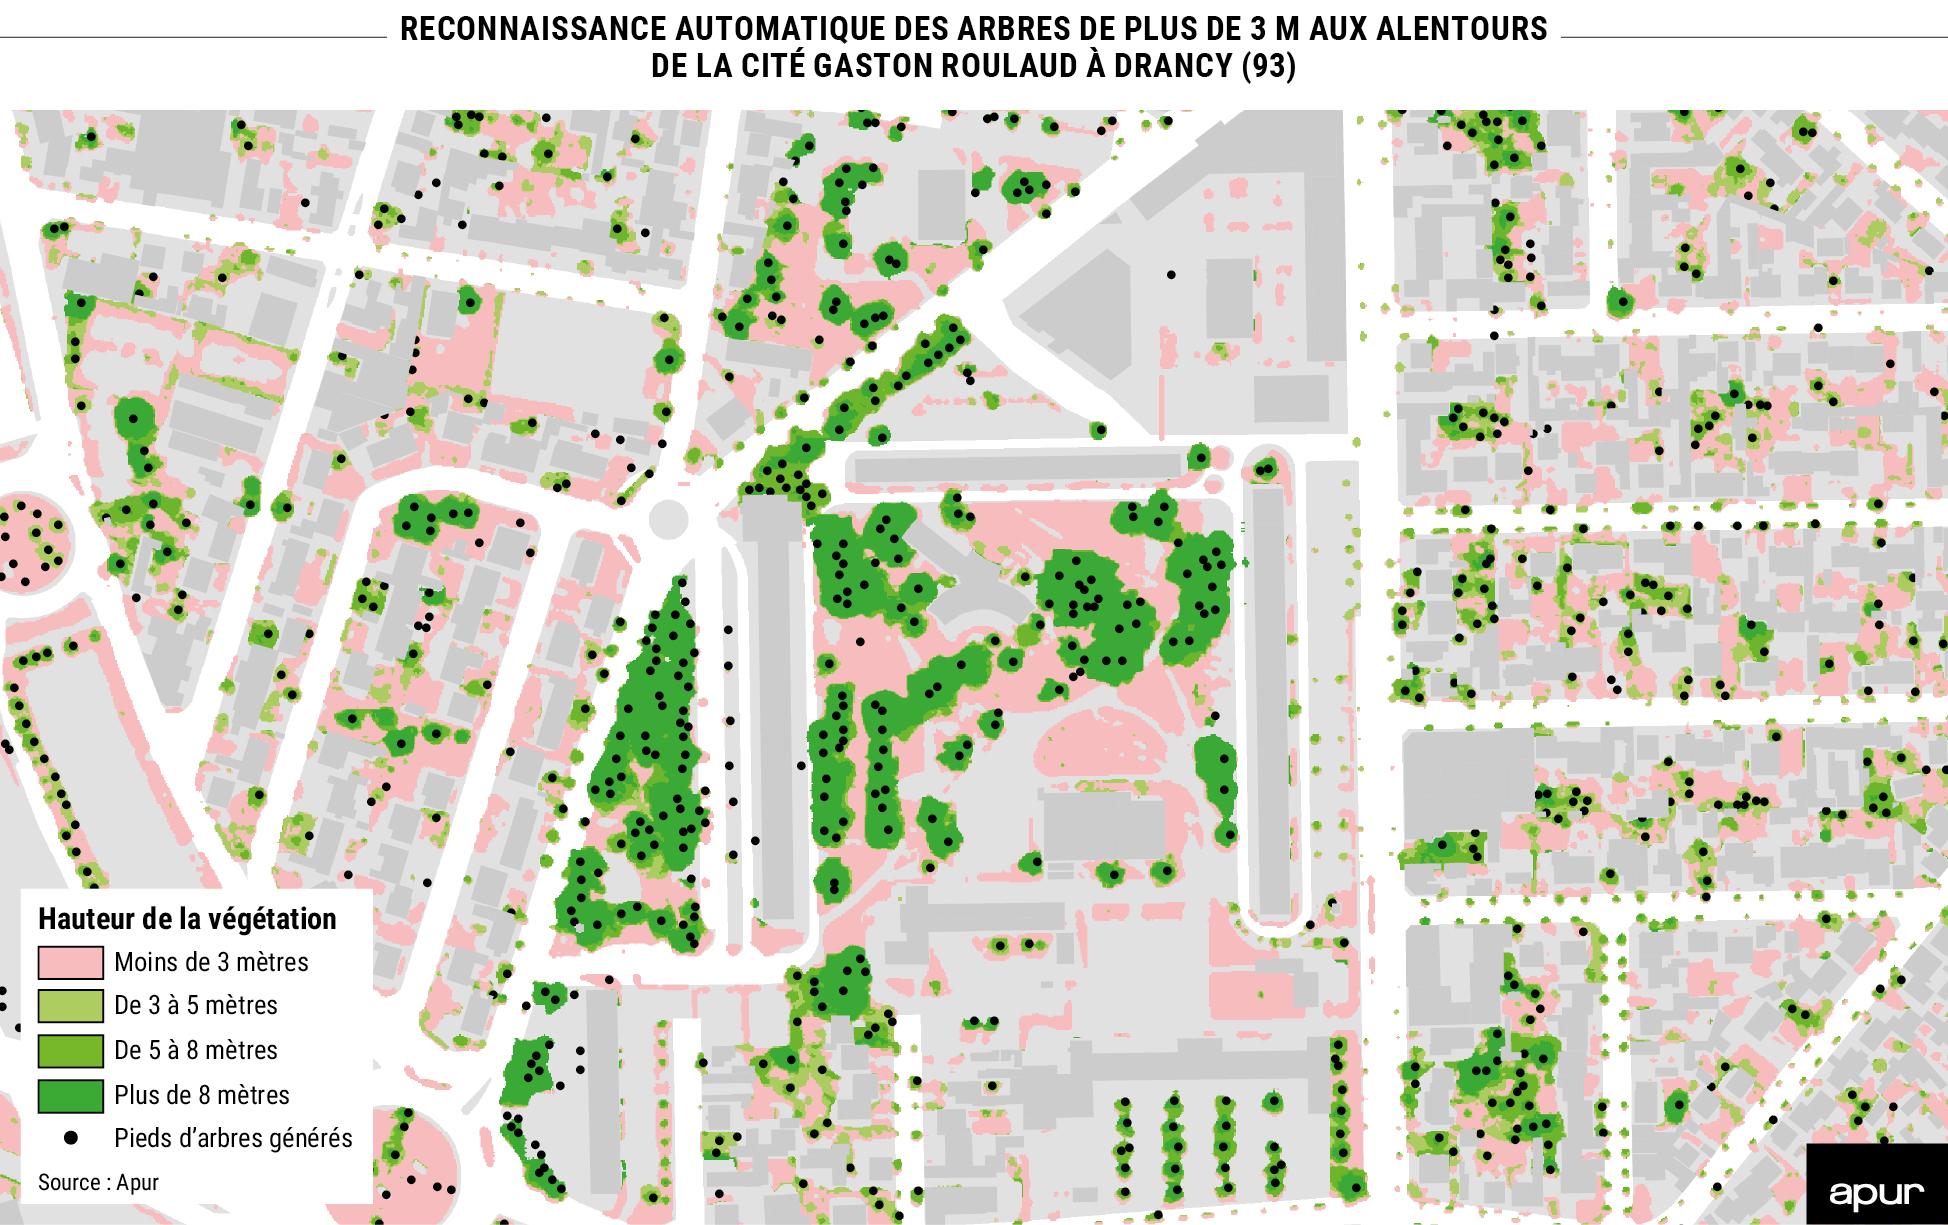 Reconnaissance automatique des arbres de plus de 3 m aux alentours de la cité Gaston Roulaud à Drancy (93) © Apur